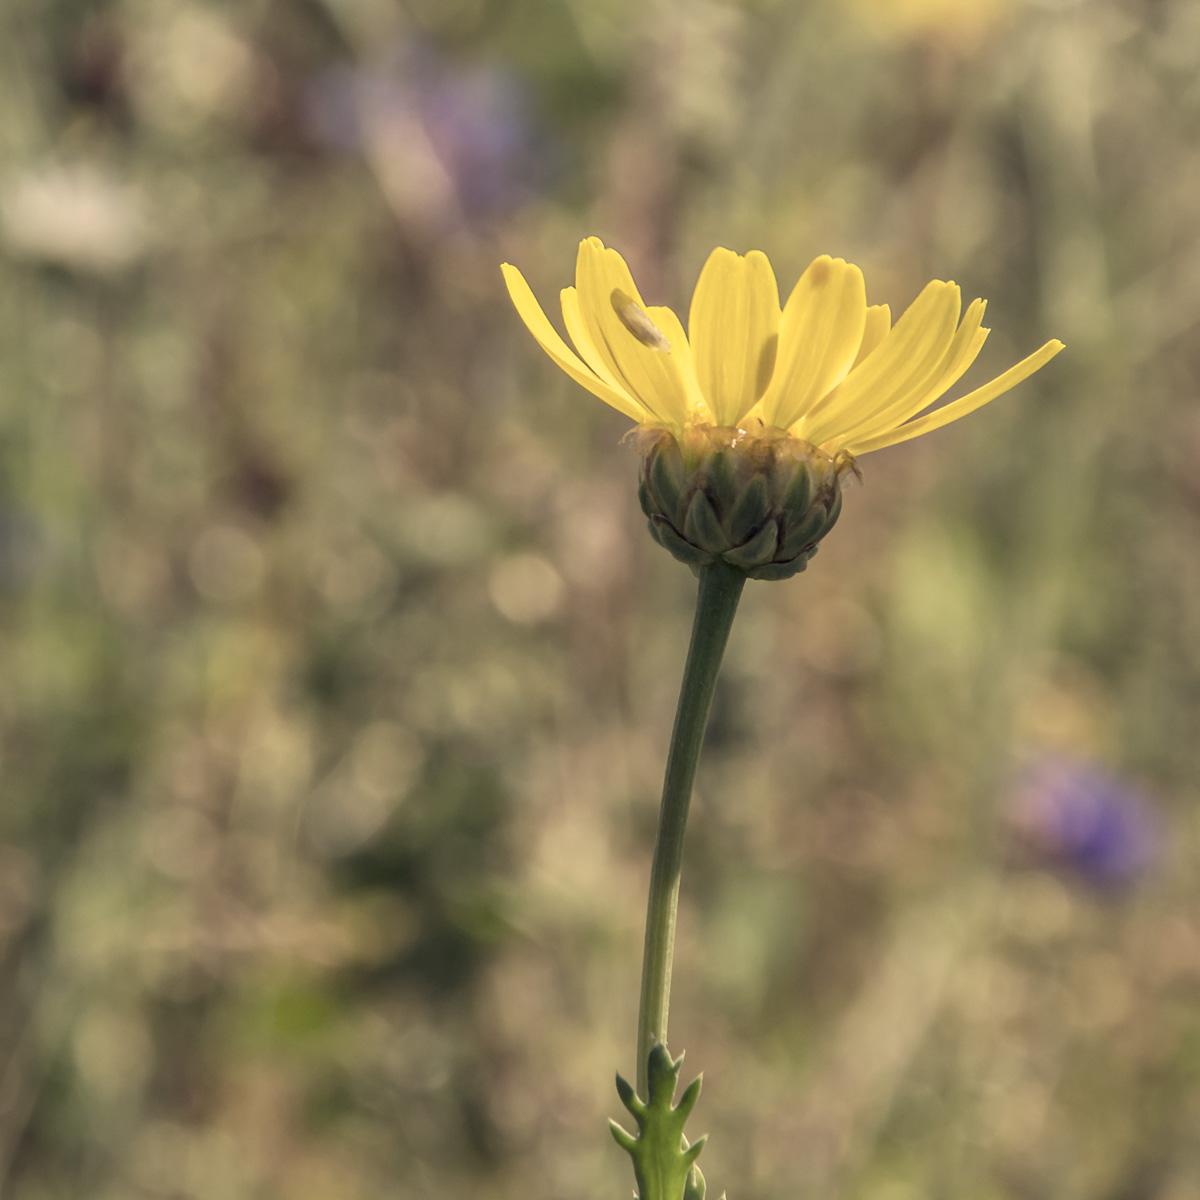 Photo of a Corn daisy